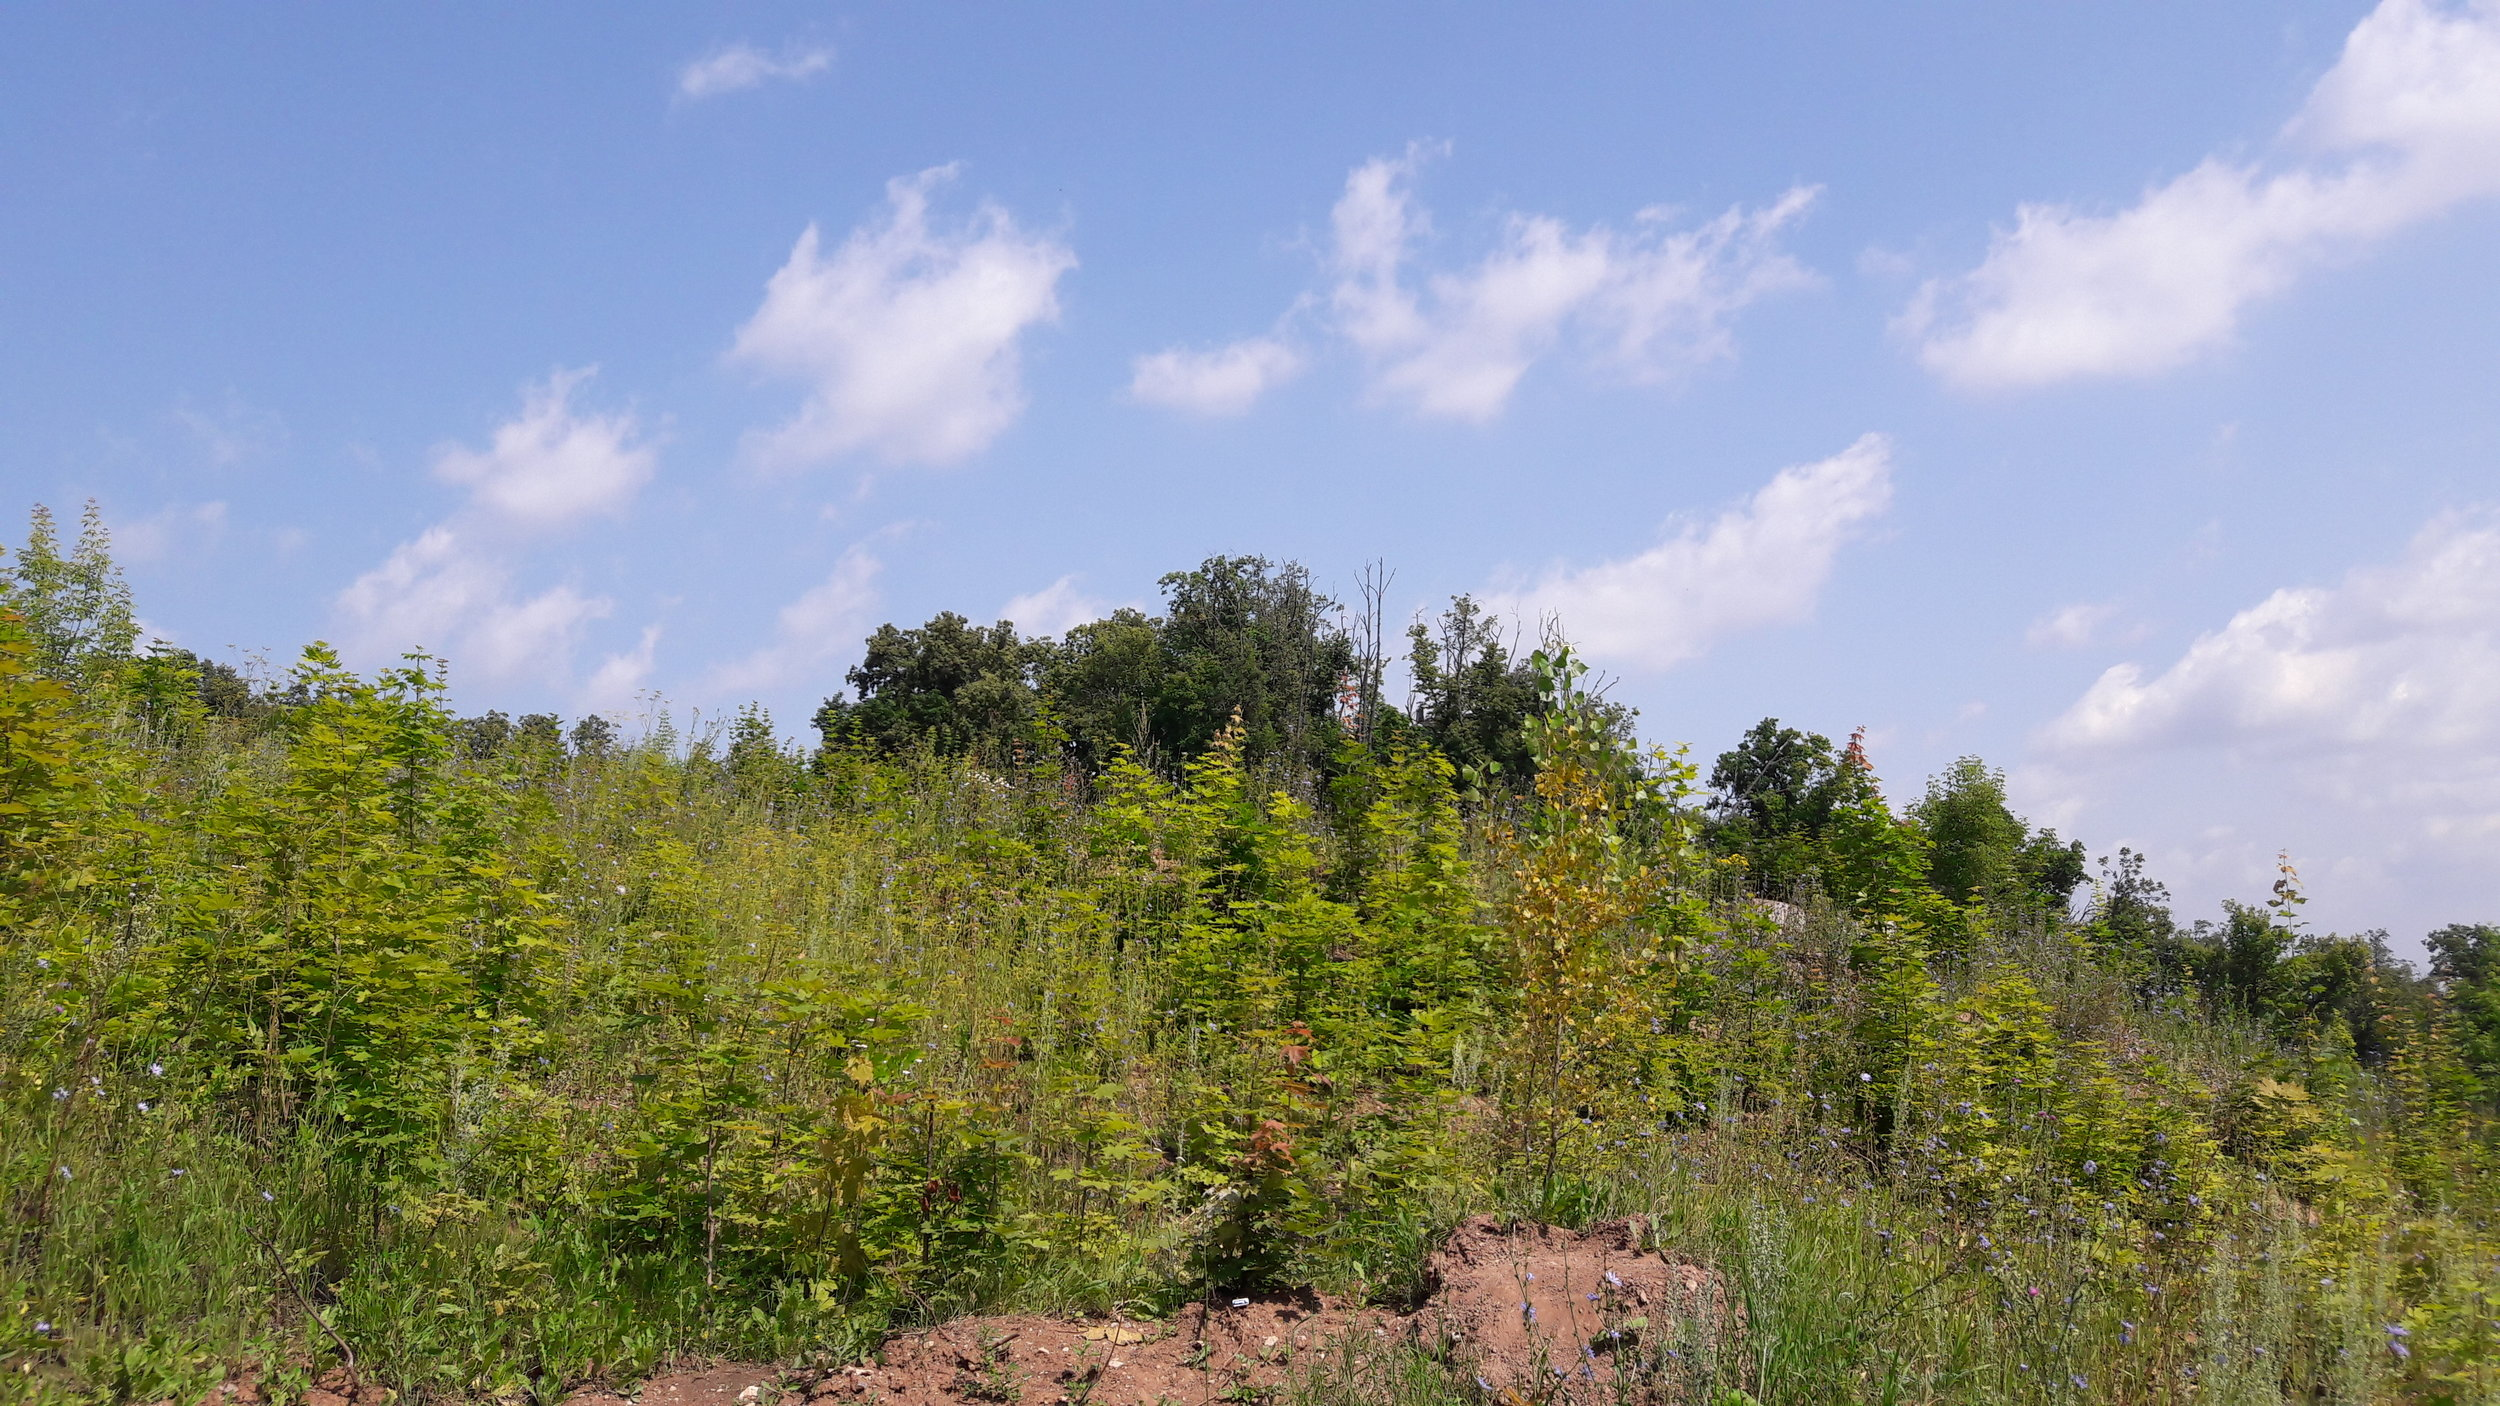 Několik pohledů na skokanský můstek, respektive jeho polohu a pozůstatky. Prvnísnímek je pořízen ve směru od lanové dráhy. Původní sportovní areál se starými skokanskými můstky je za stromy a není na snímku vidět.